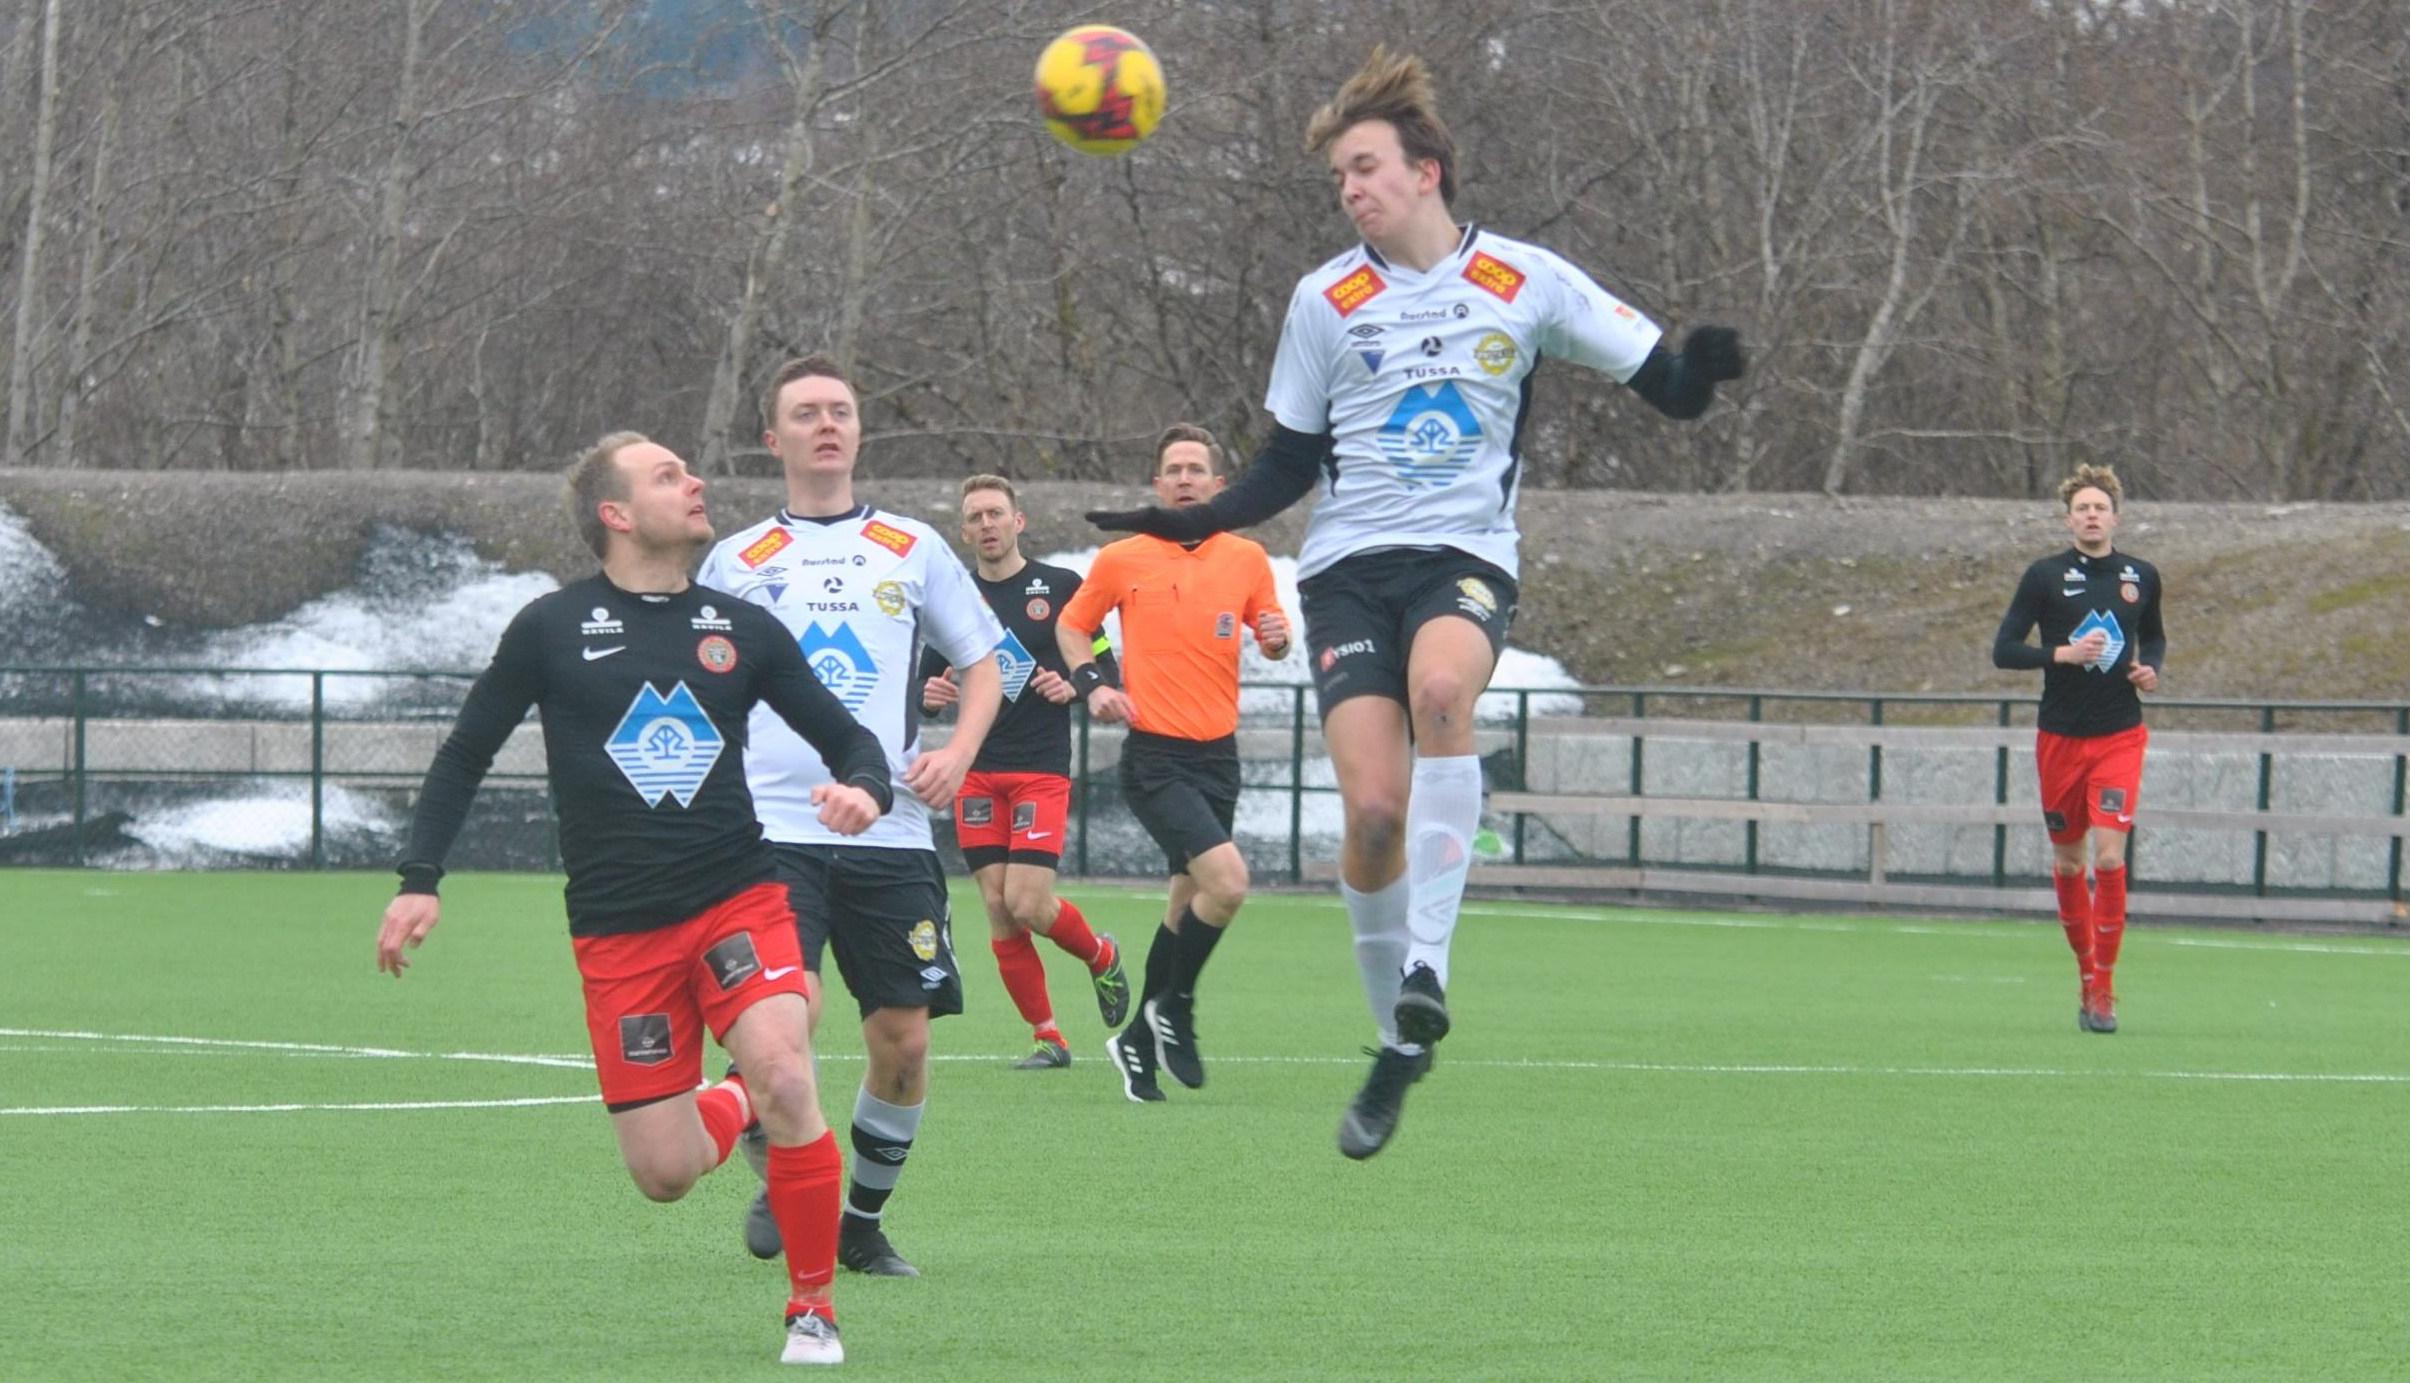 Bergsøy vidare i cupen etter nimålsdrama mot Ørsta!